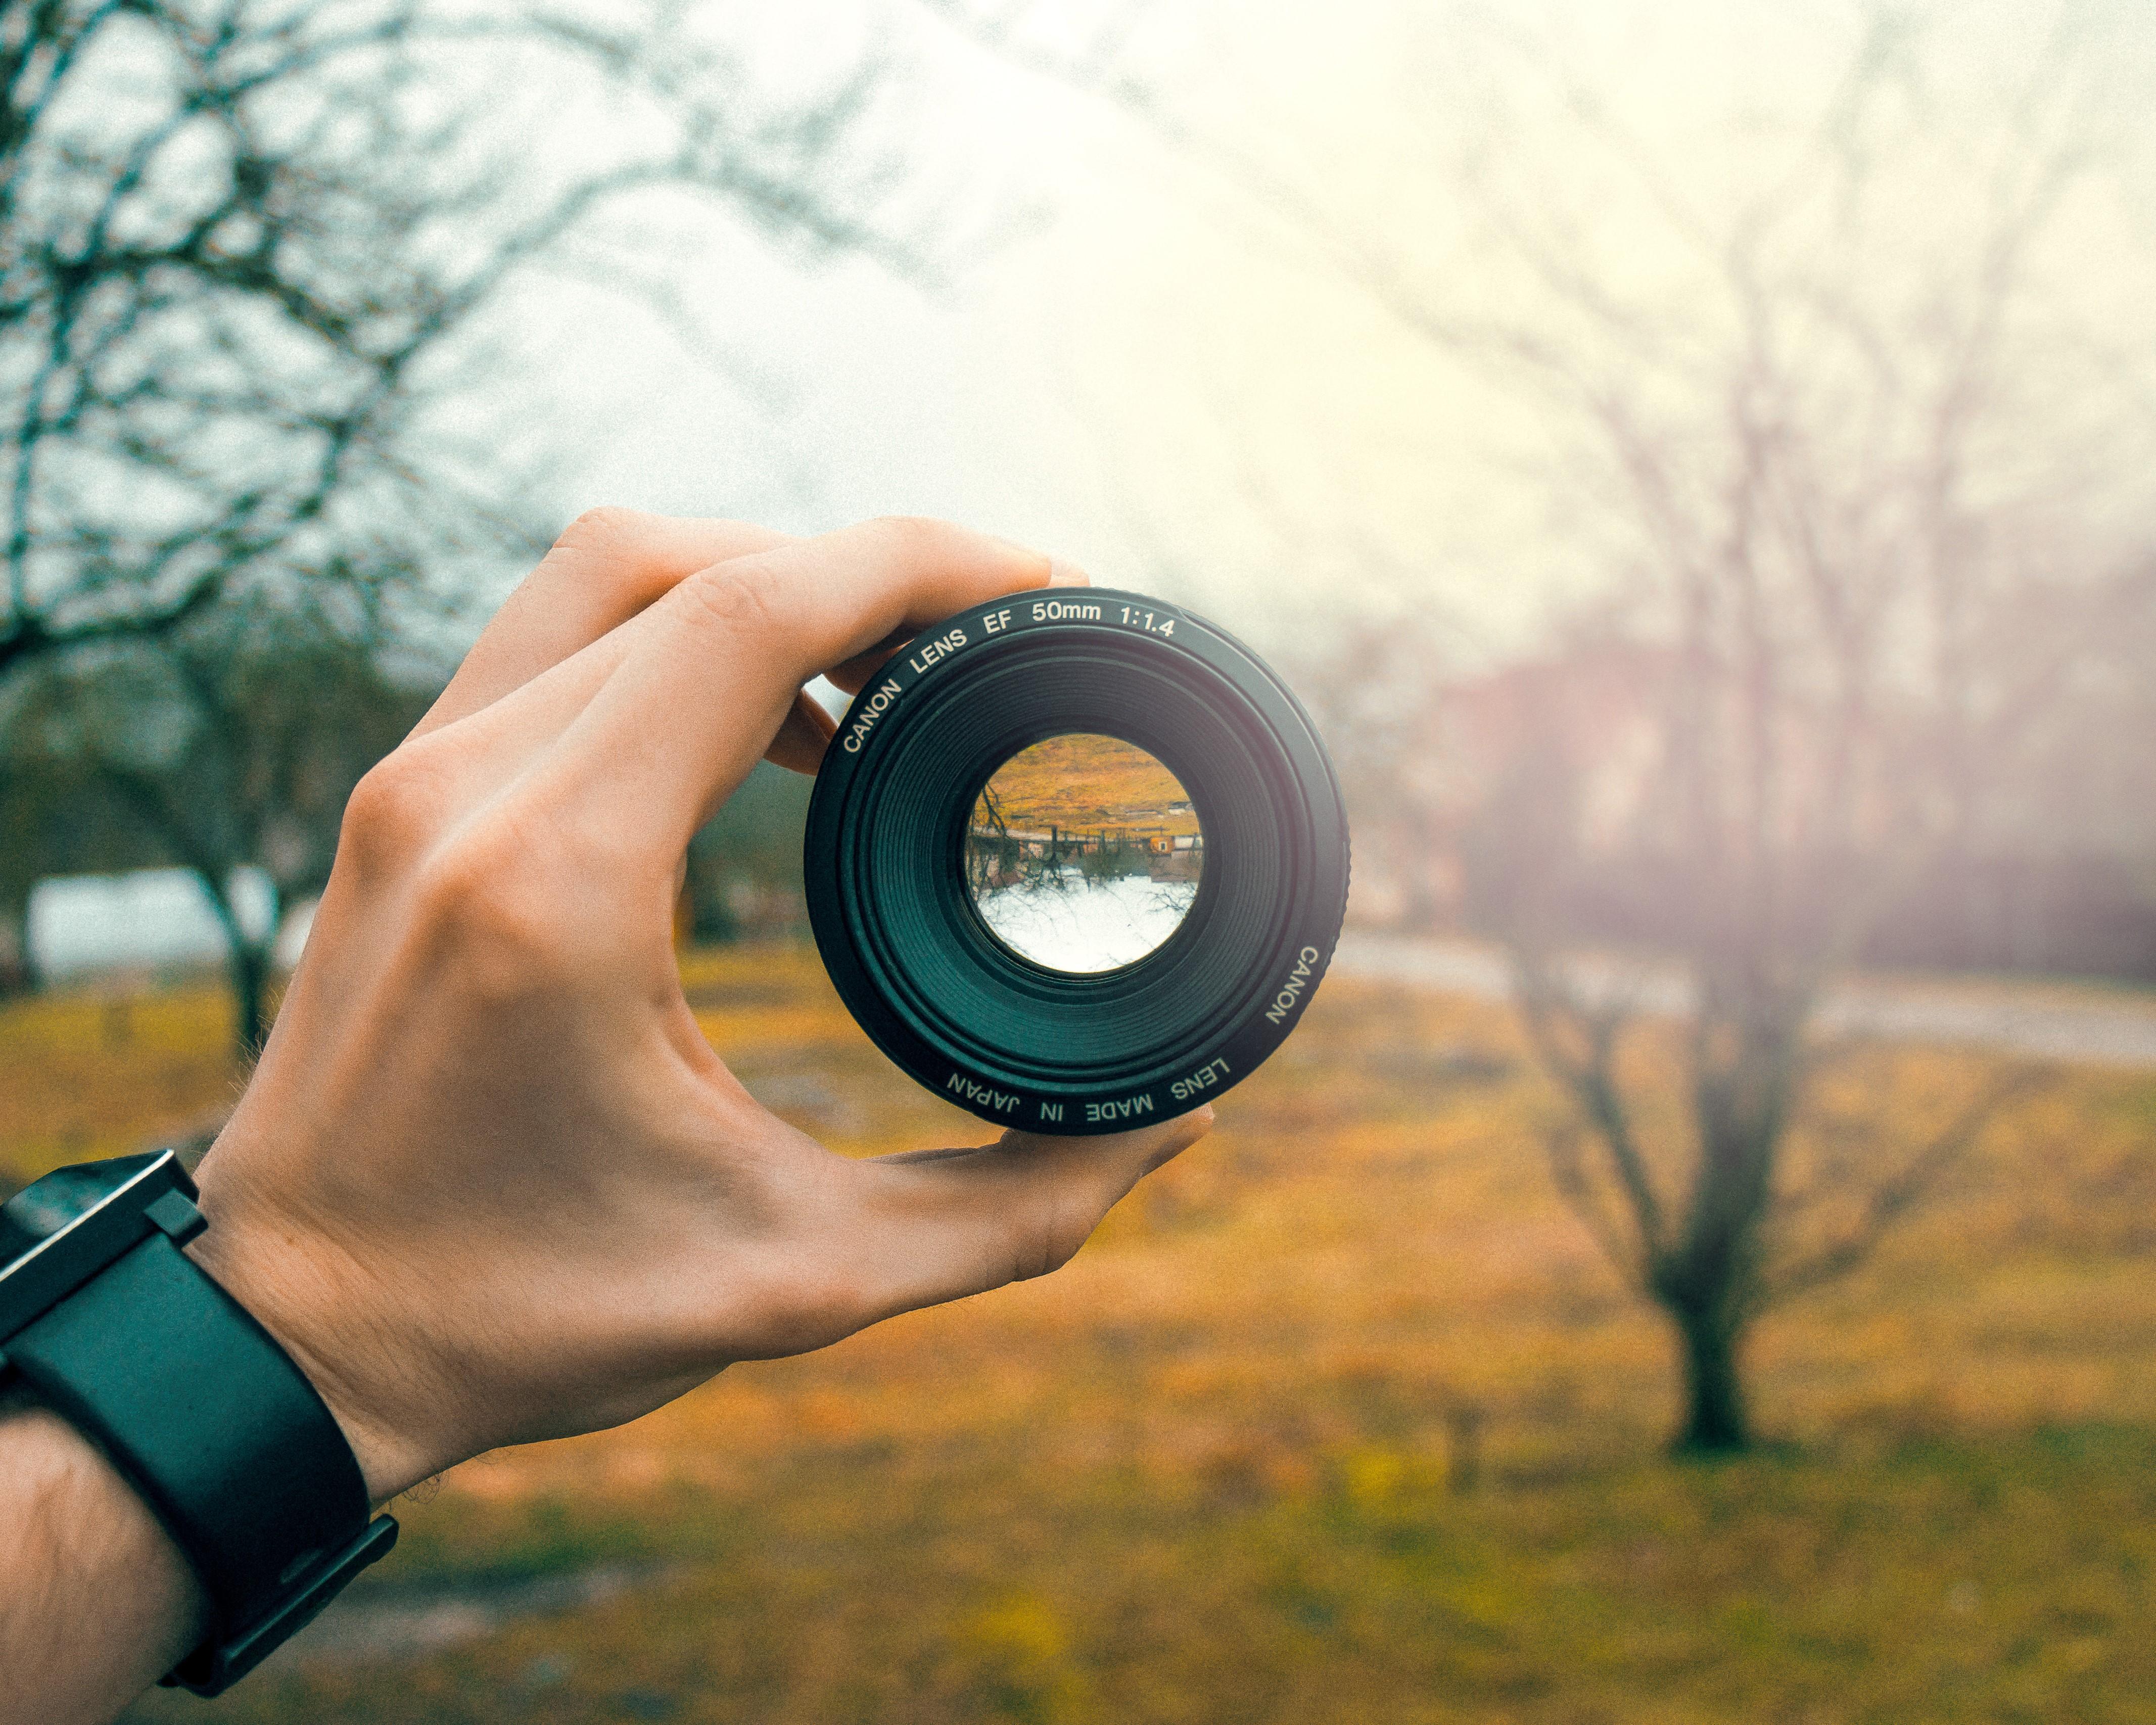 Ciptakan Hasil Foto yang Menakjubkan dengan Lensa Ini